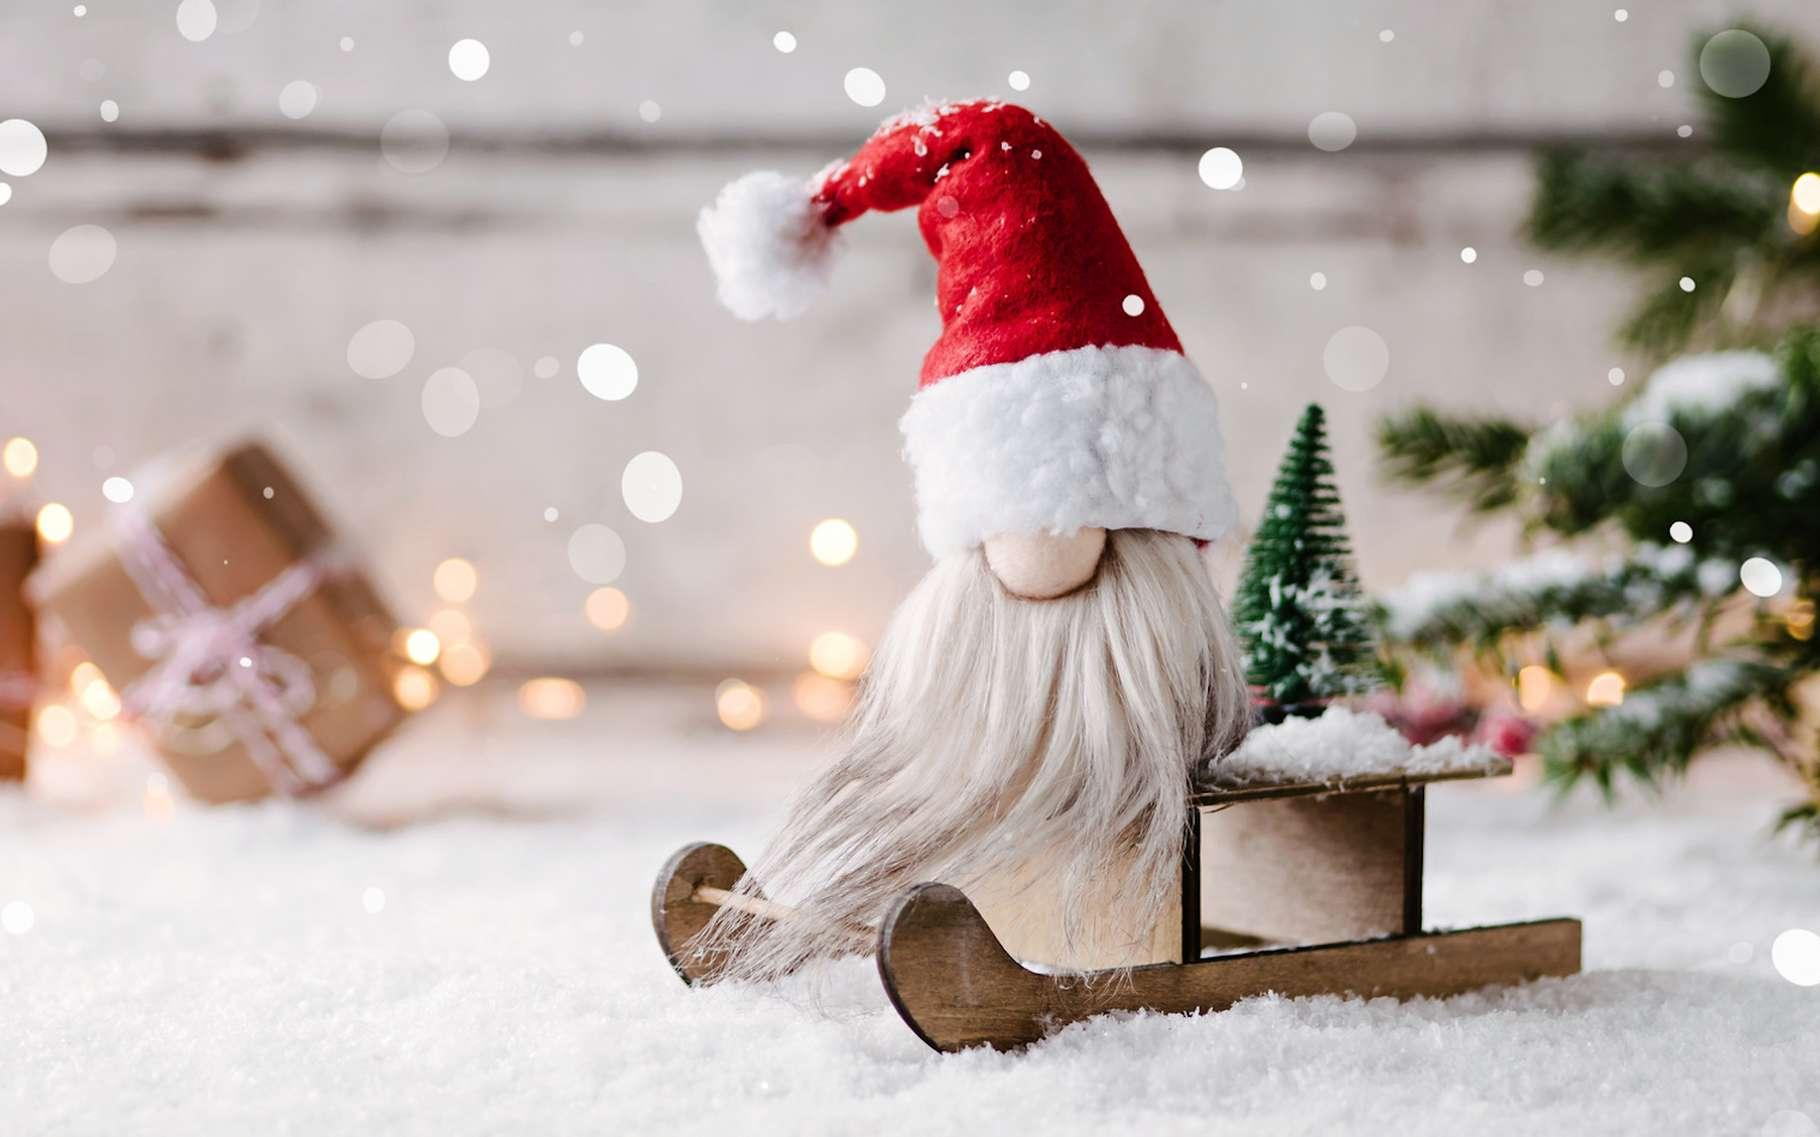 Pour un Noël plus vert, il ne faut pas hésiter à fabriquer soi-même ses décorations. © emmi, Fotolia